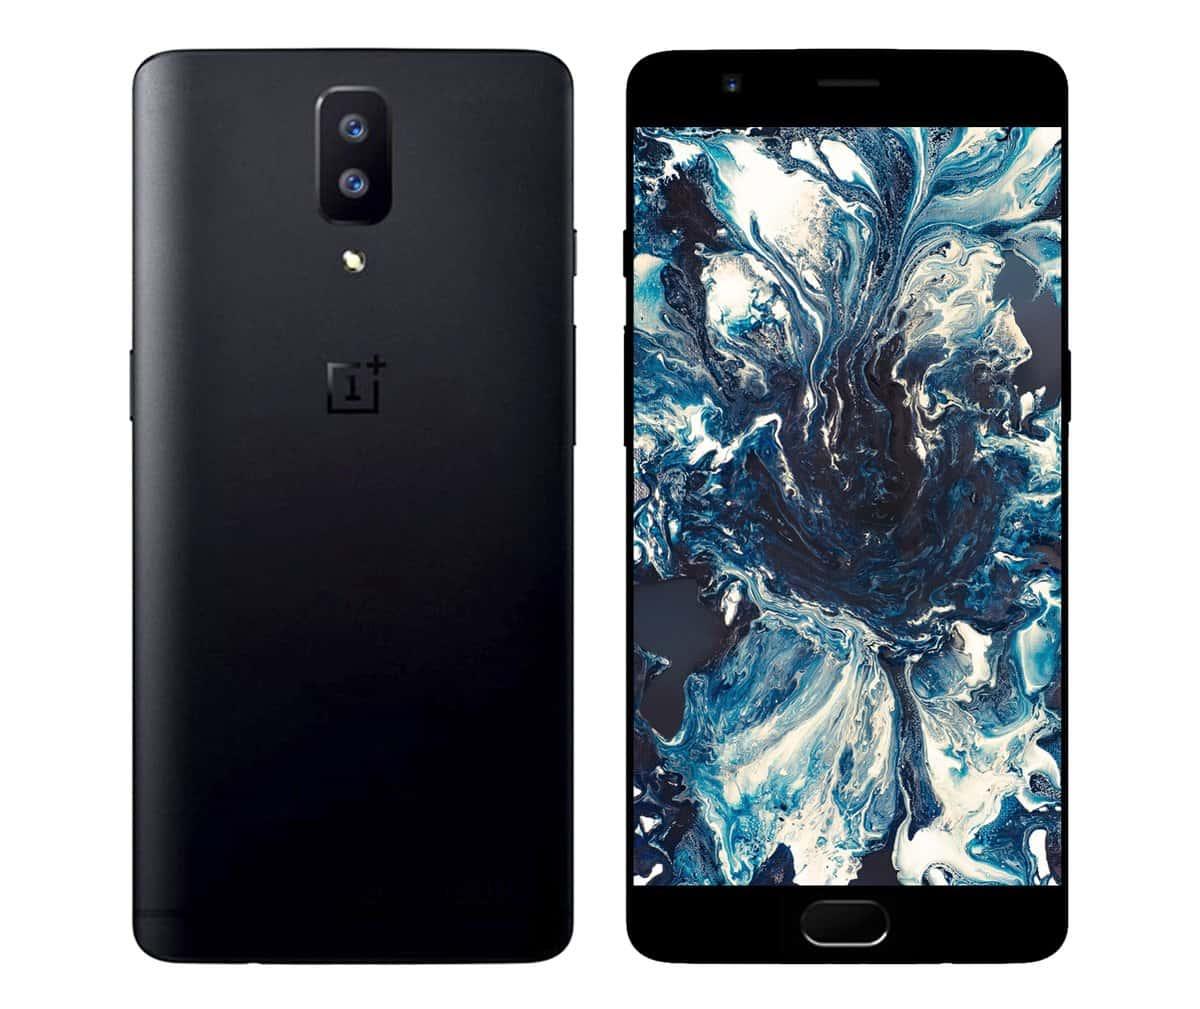 oneplus 5 nous savons tout du smartphone chinois qui risque d 39 tre la star de l 39 ann e. Black Bedroom Furniture Sets. Home Design Ideas